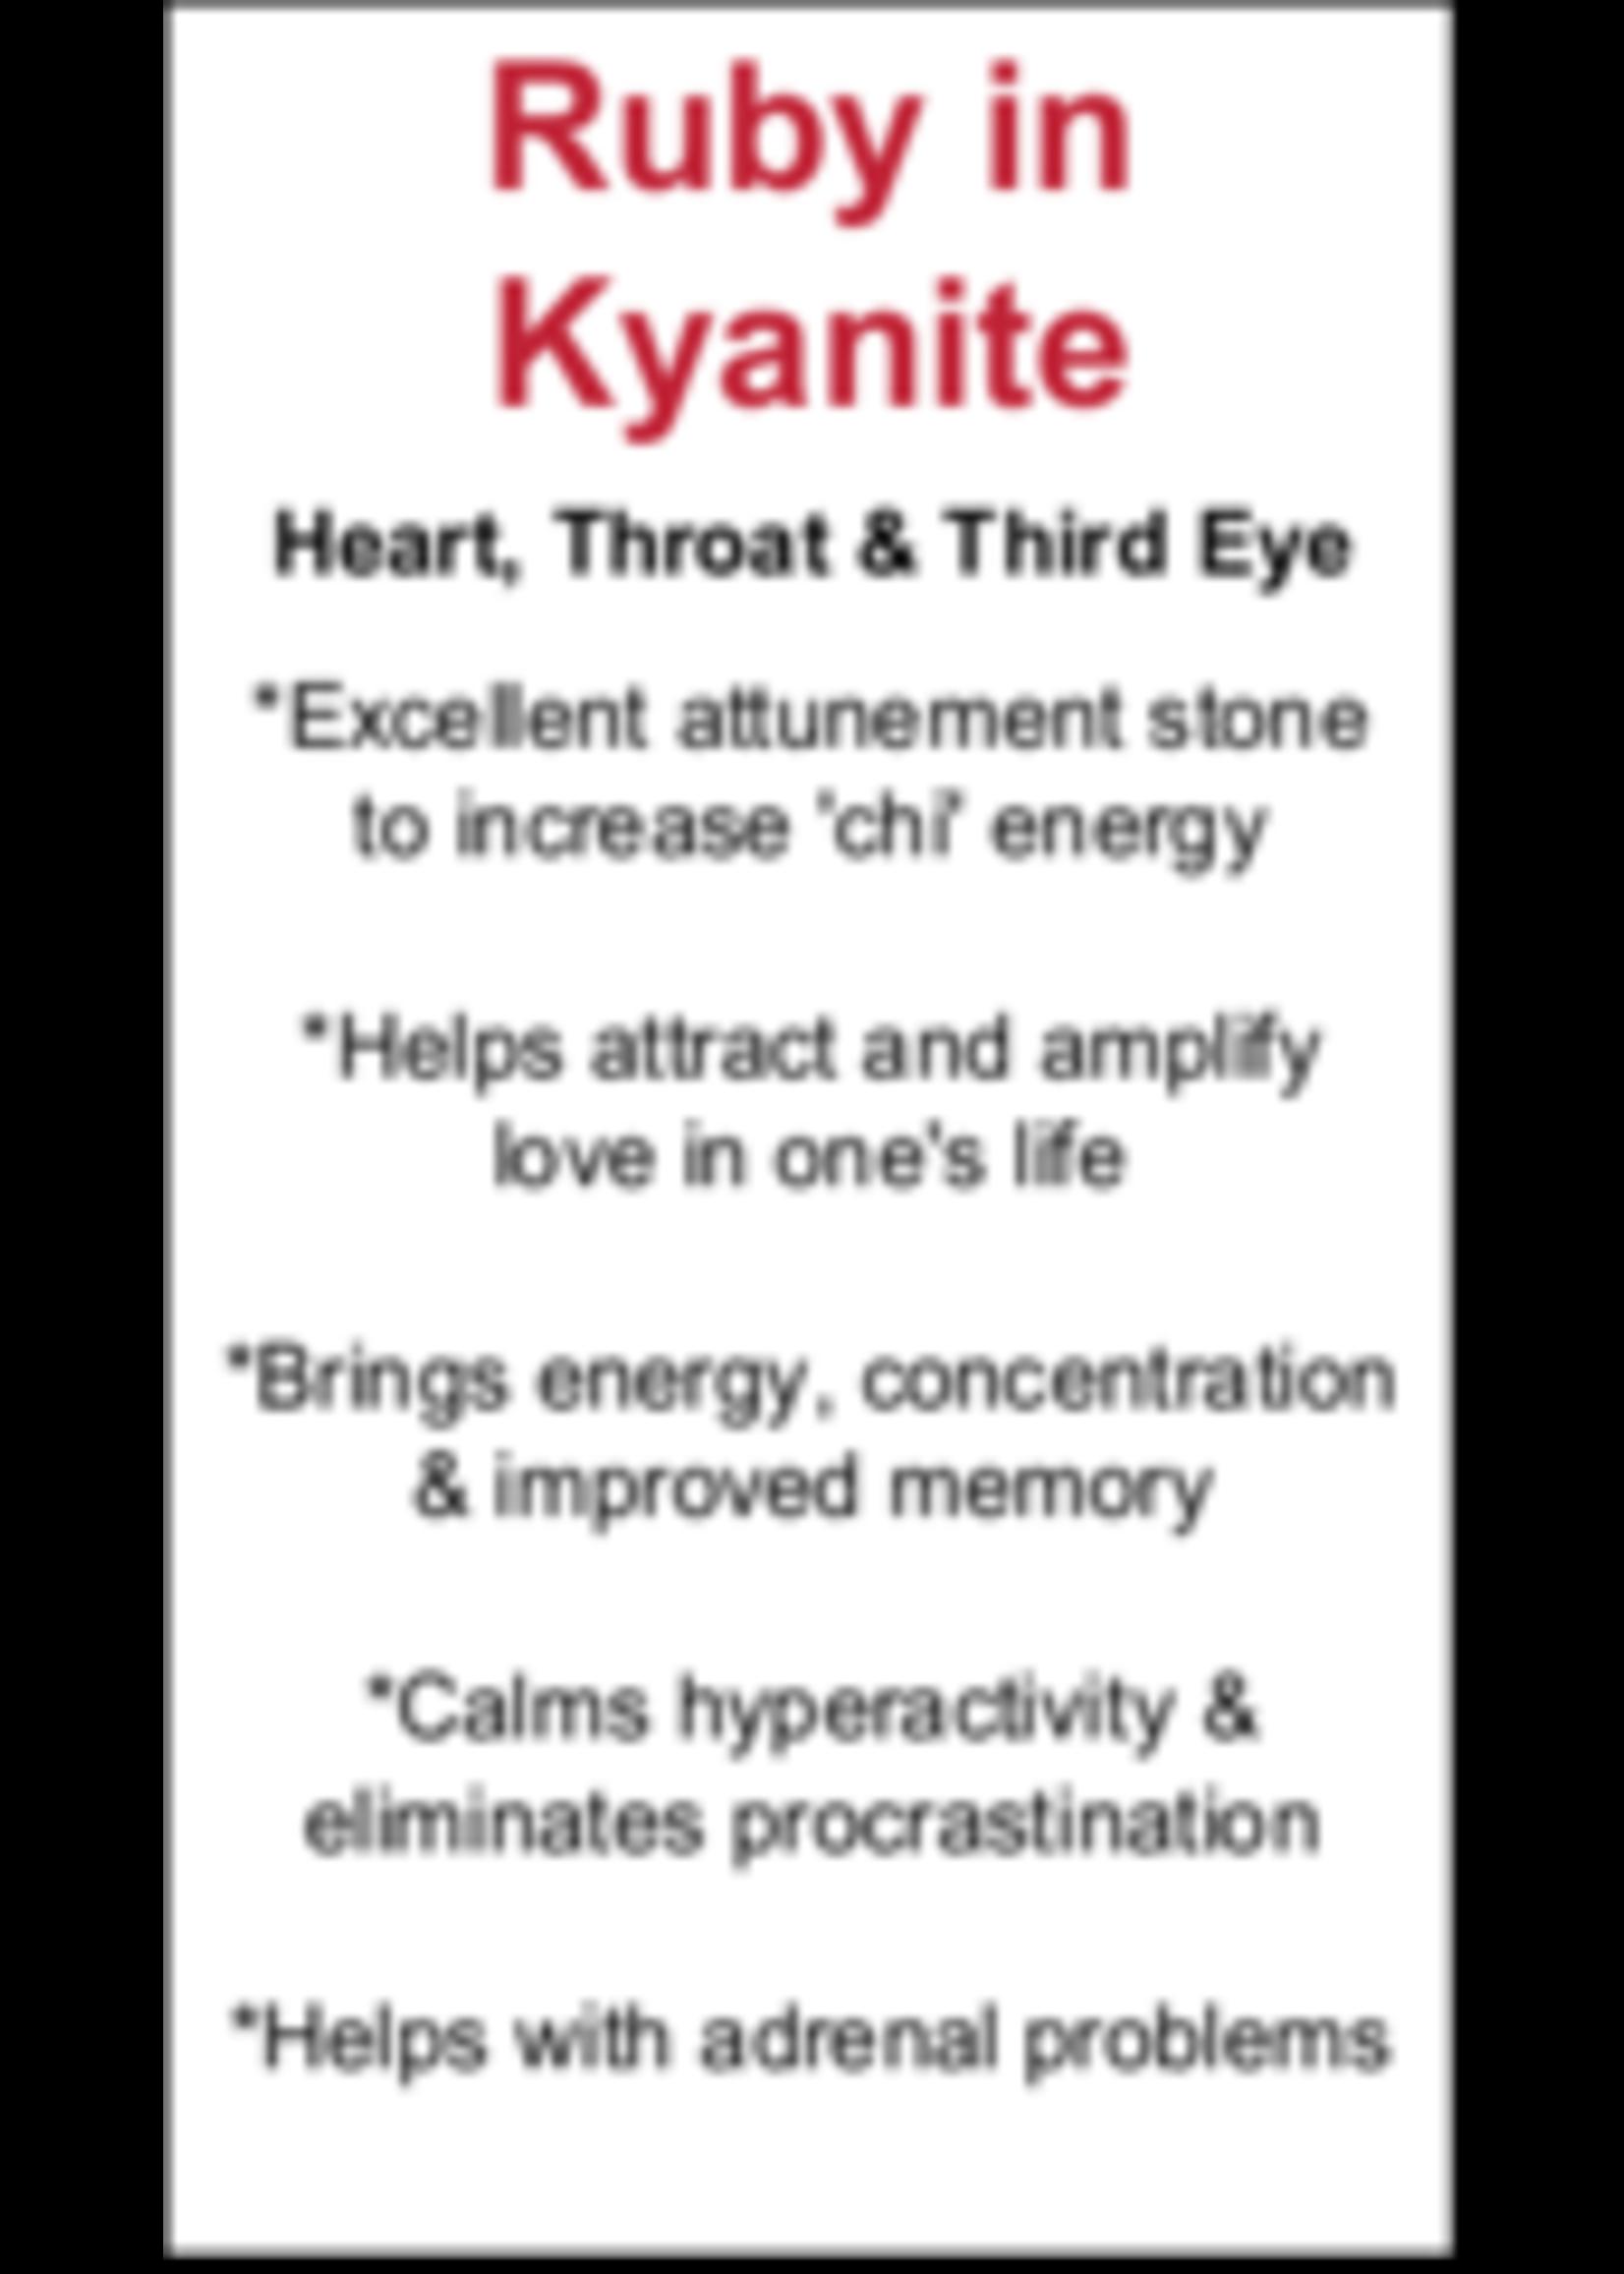 Ruby in Kyanite Cards - Box of 250